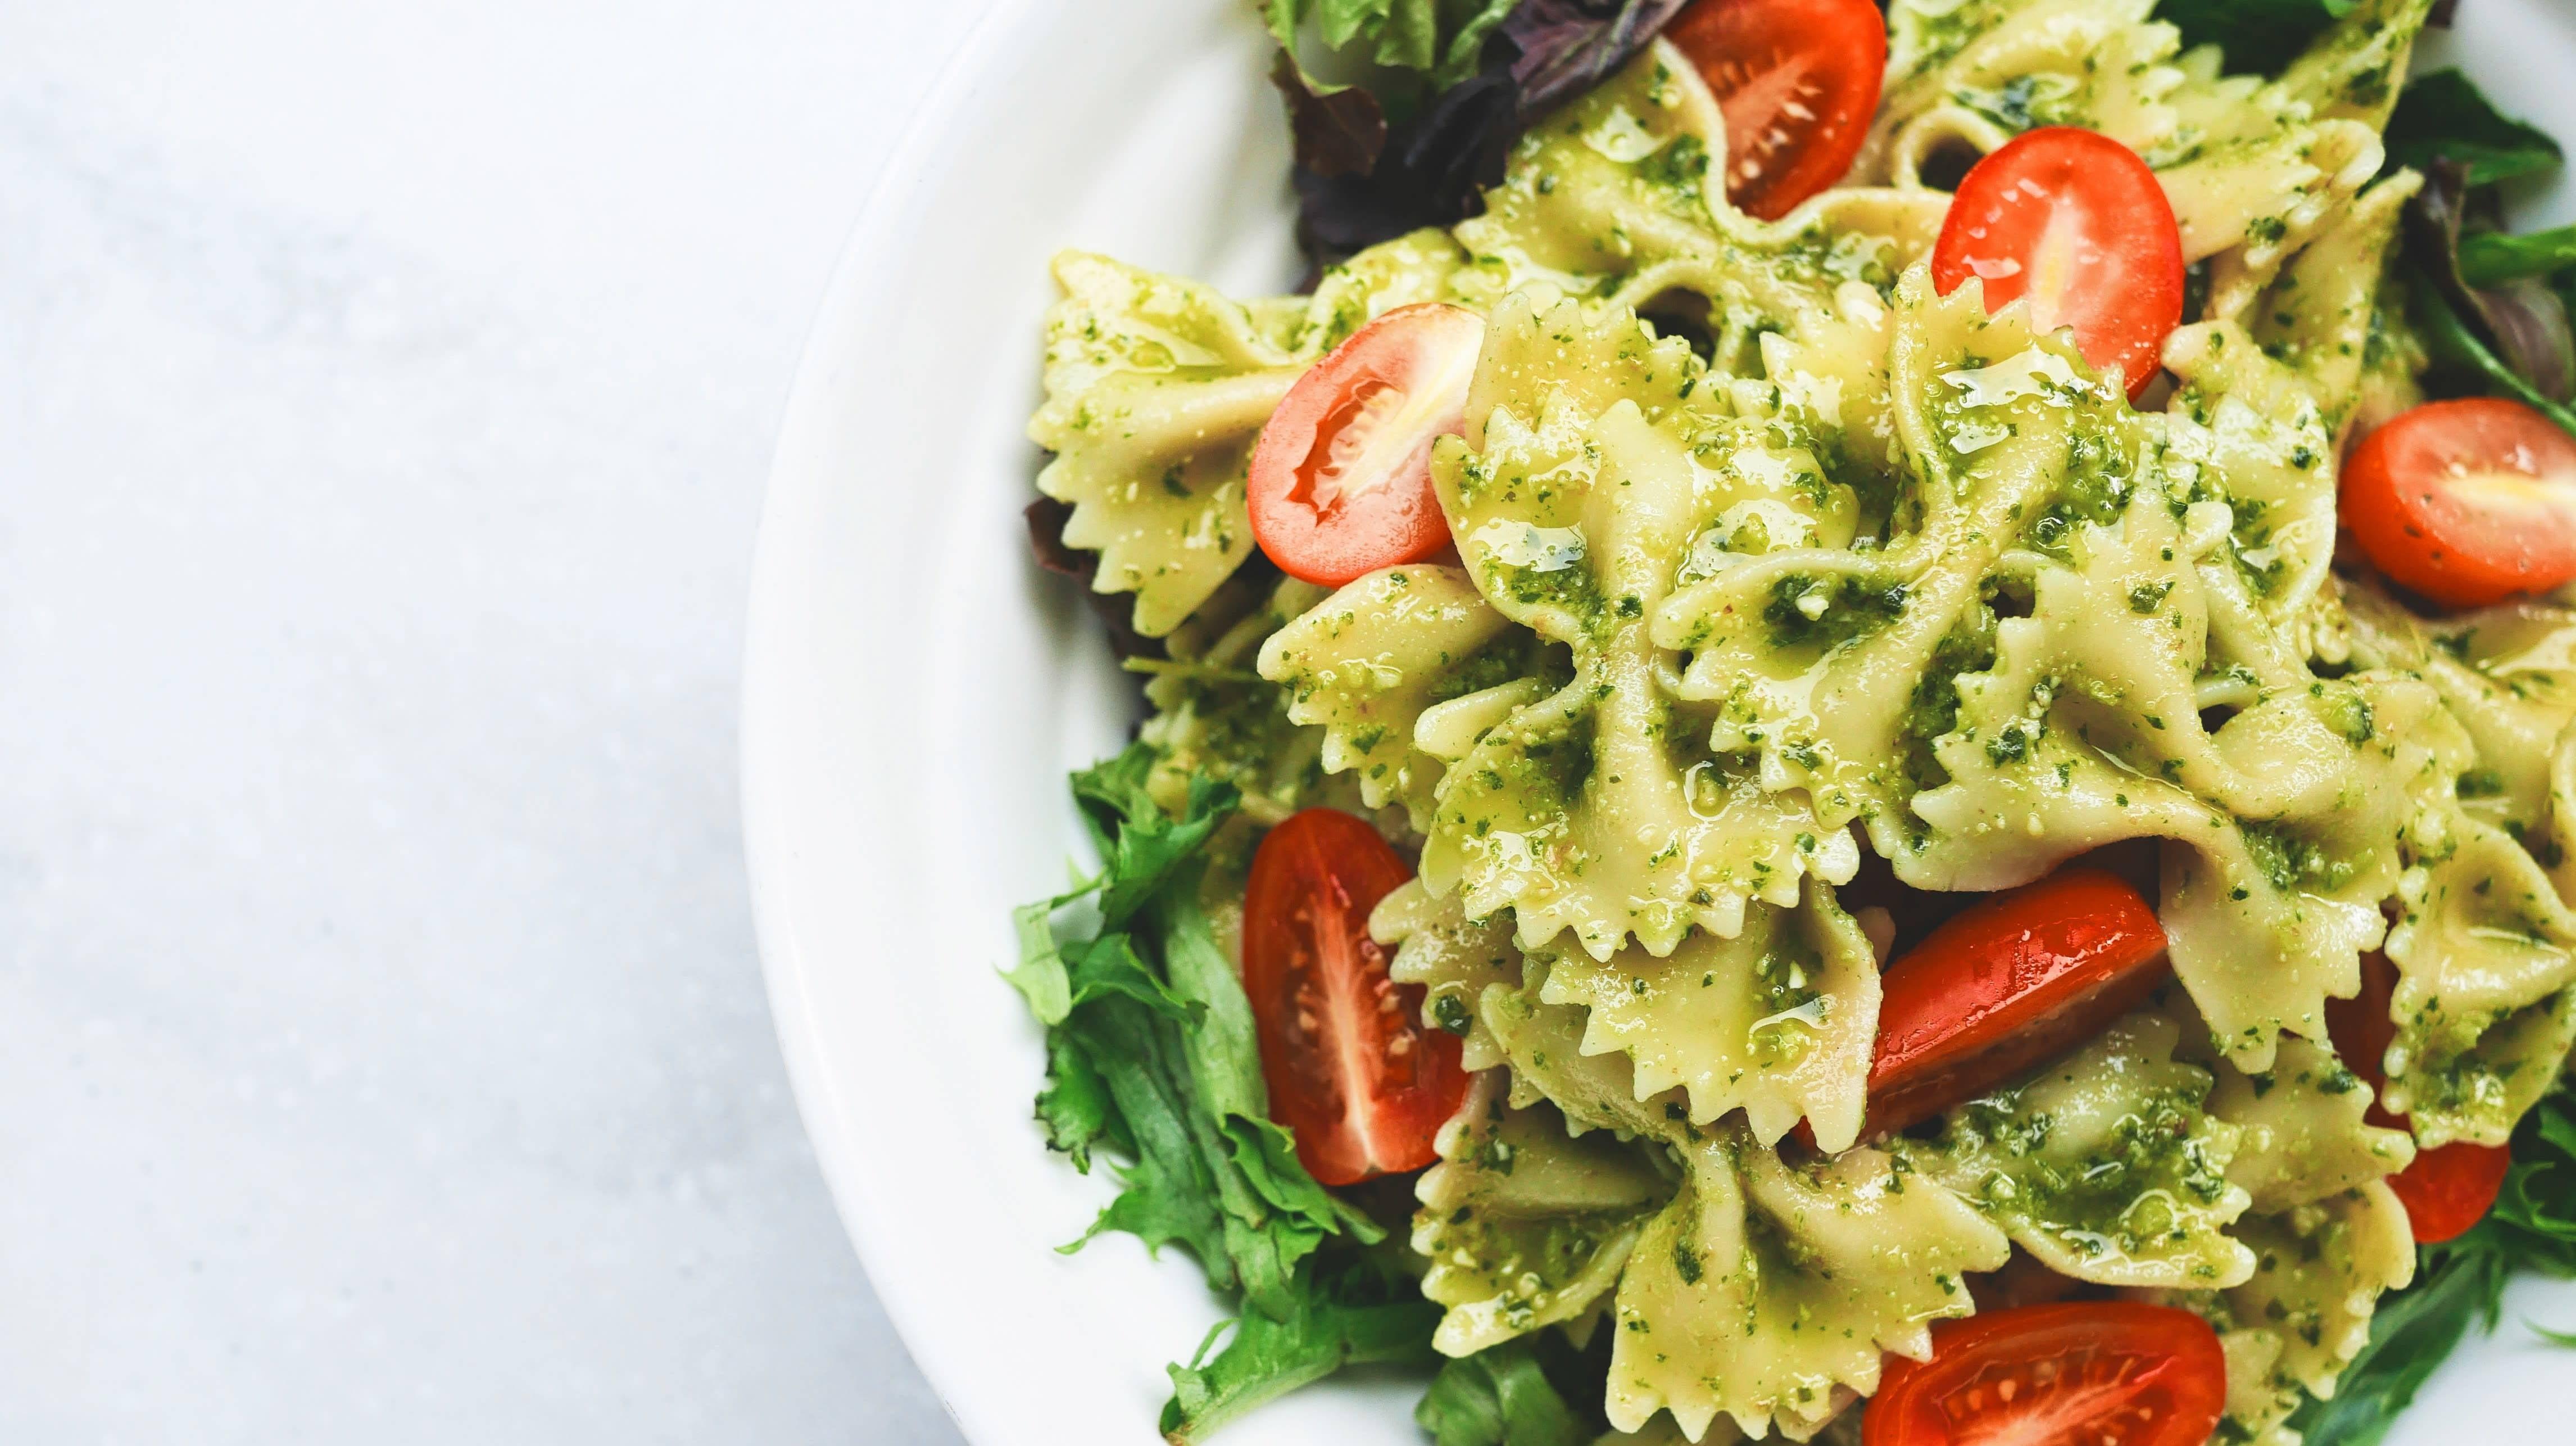 'Gluten-Free' Restaurant Dishes Sometimes Aren't